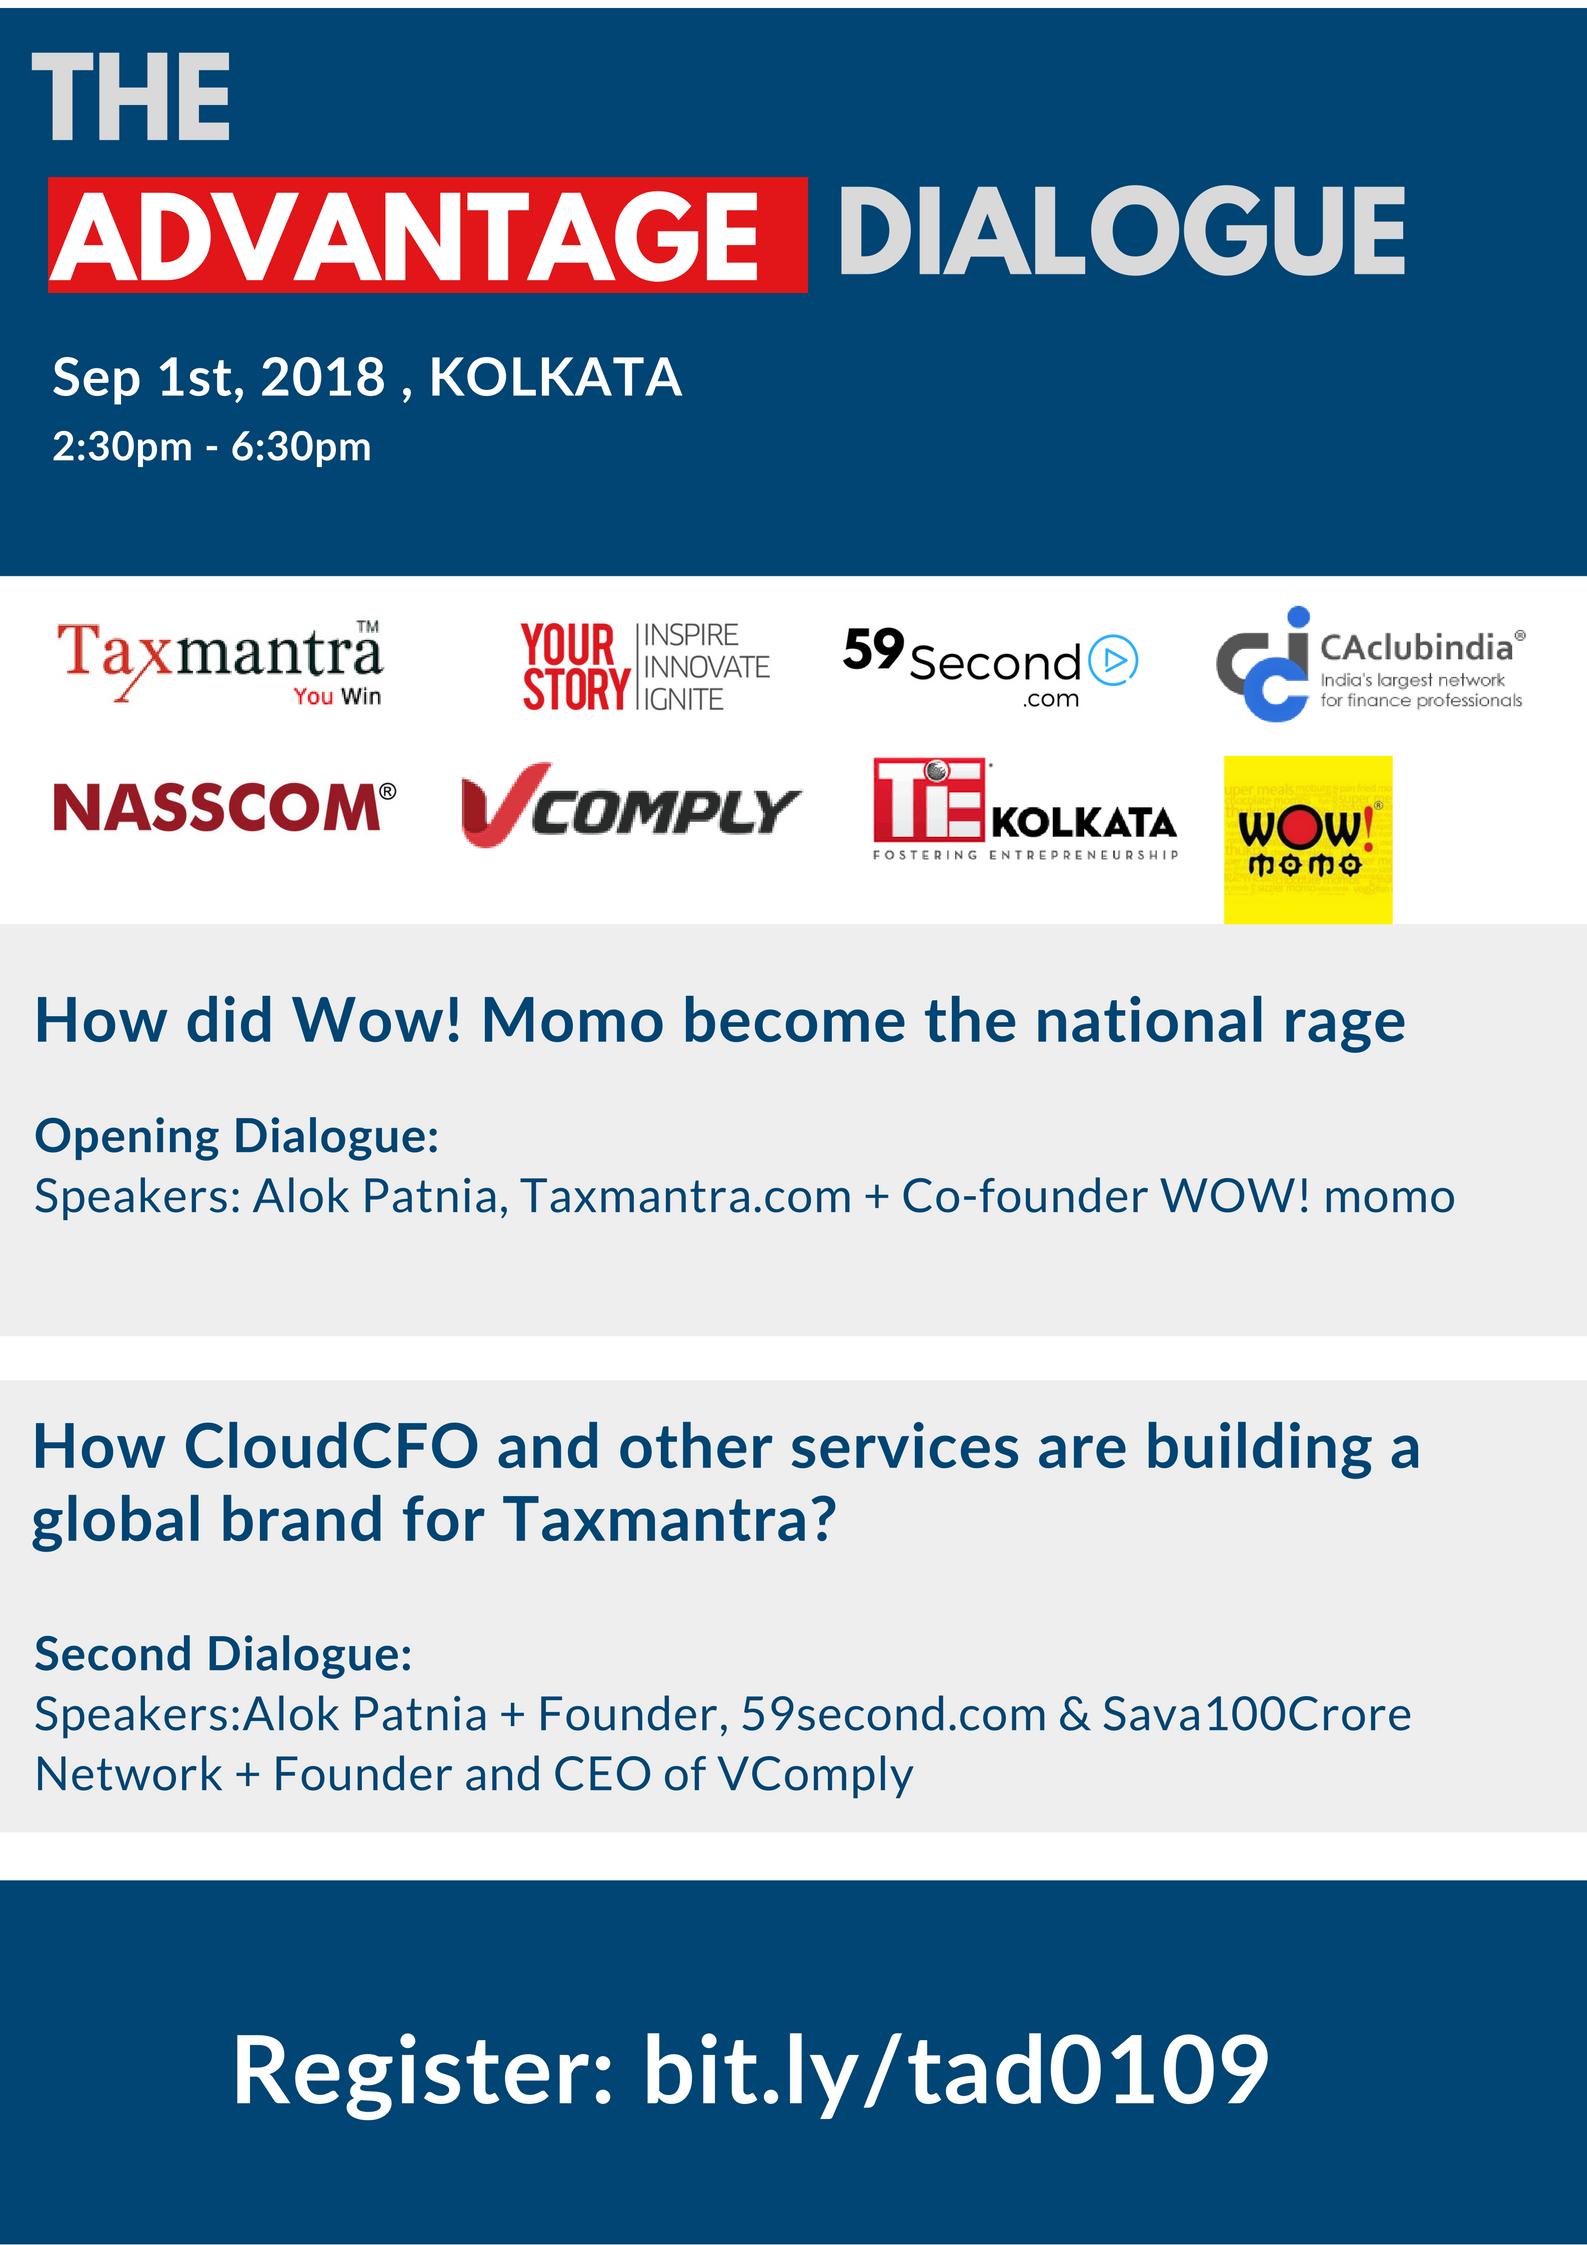 TAD2018 - Kolkata - Sep 1 2018